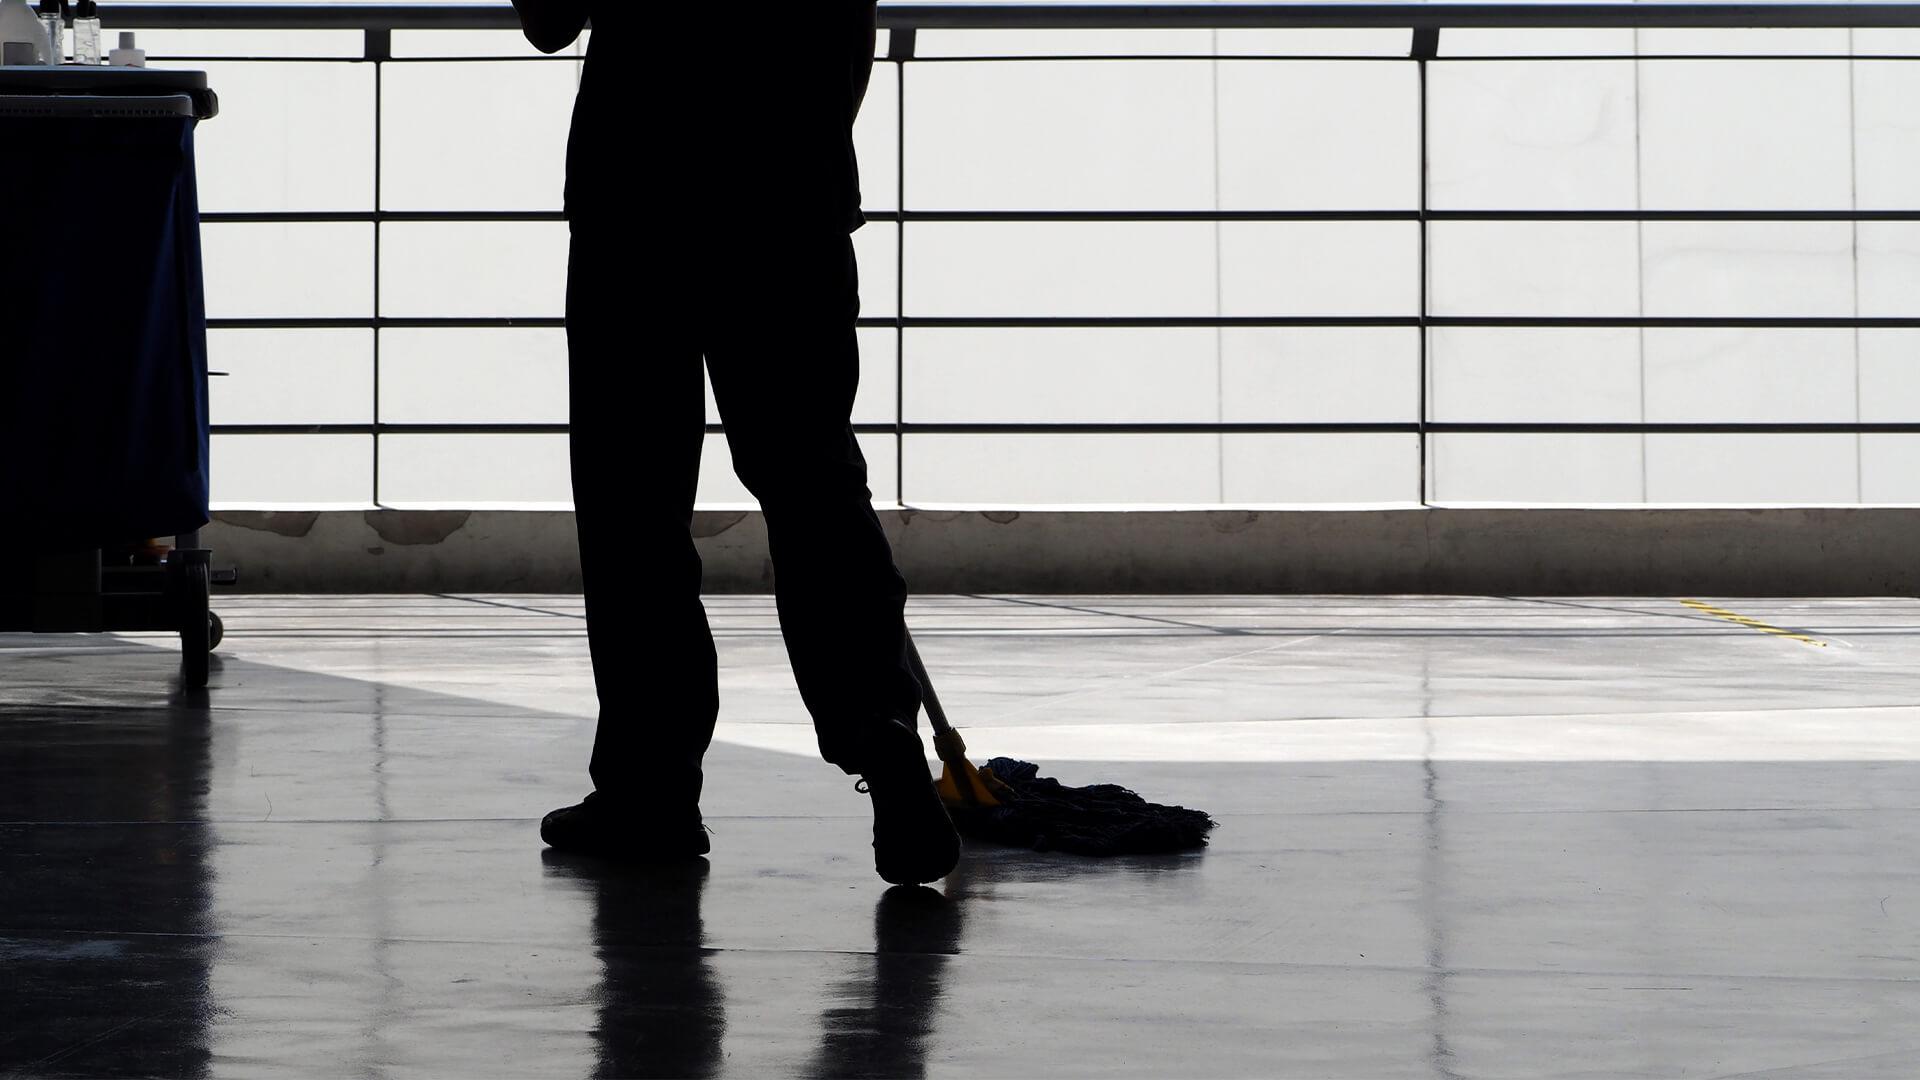 Fein & Rein Glas- und Gebäudereiniger beim Boden wischen